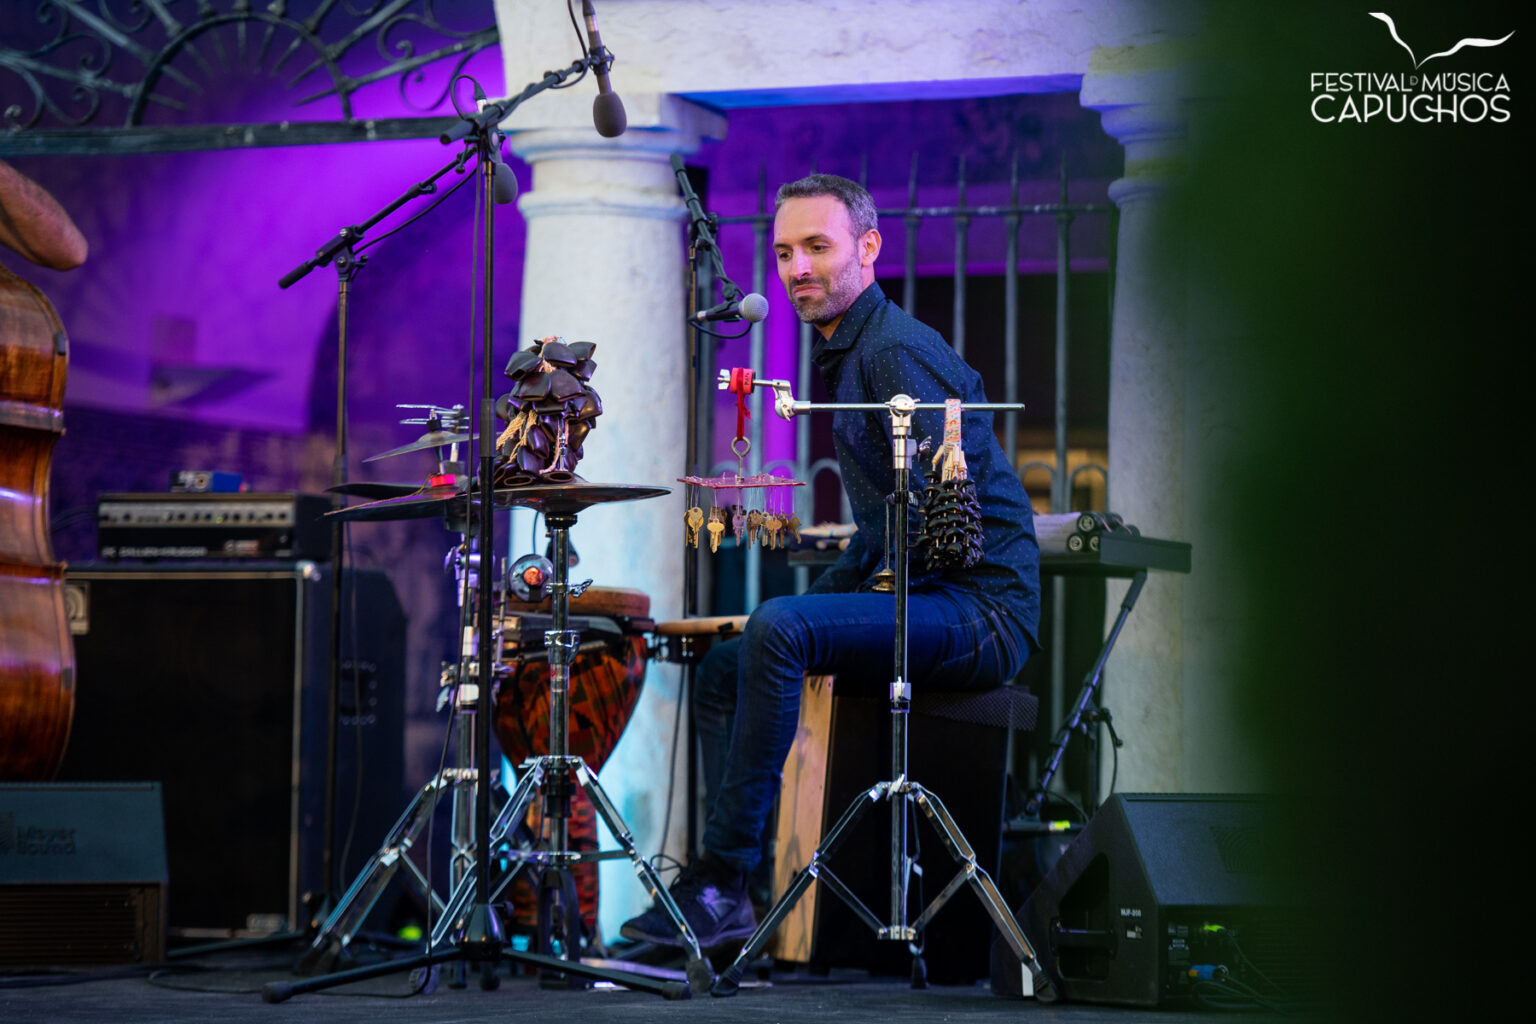 FESTIVAL DOS CAPUCHOS - Concerto de Jazz: Sofia Ribeiro Quarteto